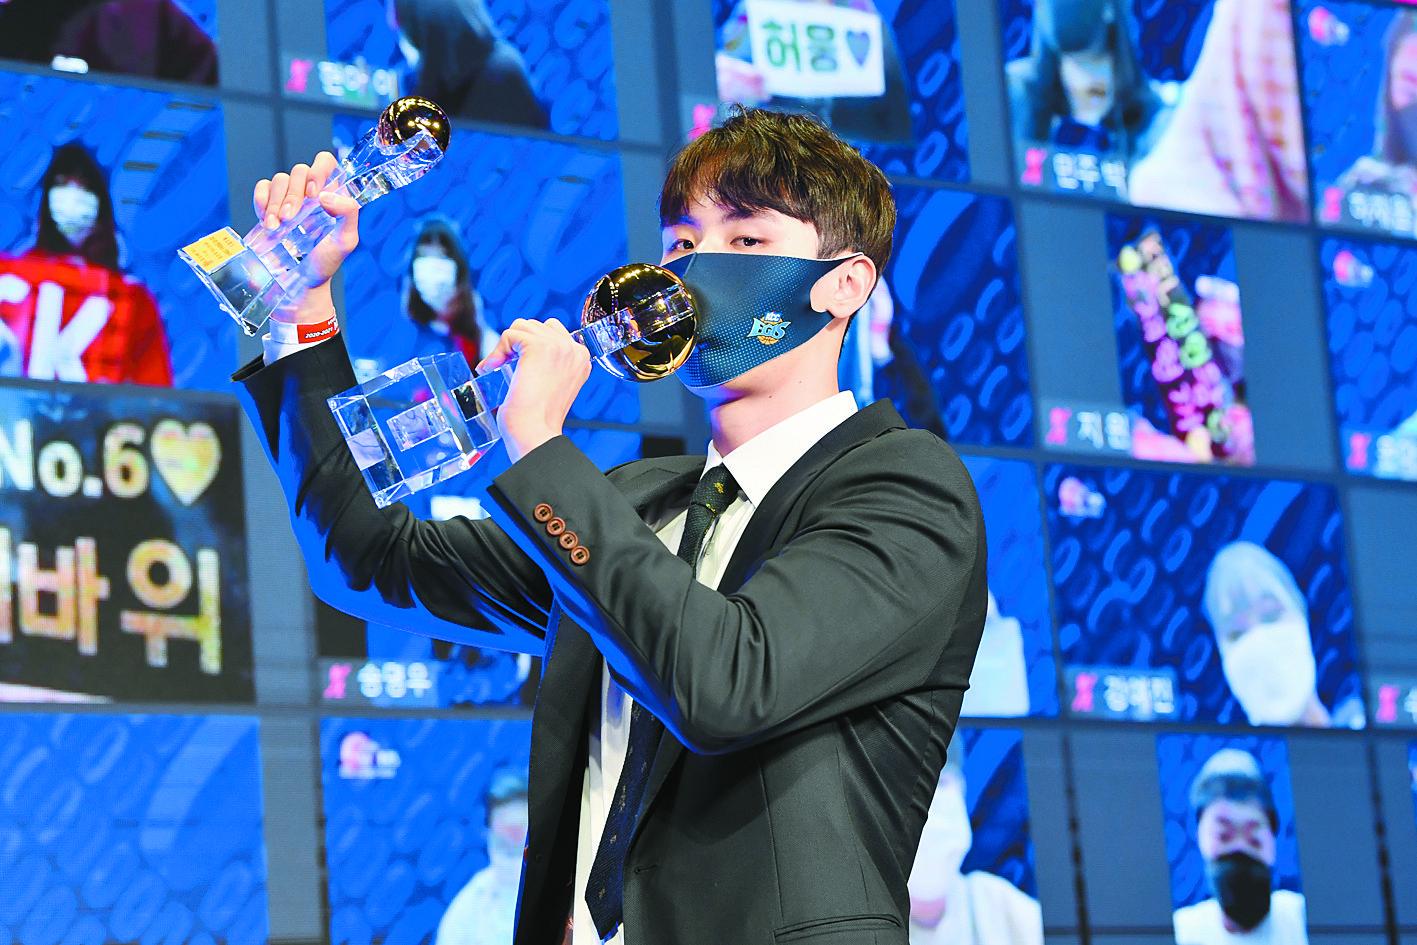 프로농구에서 고졸 최초로 MVP를 수상한 송교창. 베스트5까지 2관왕에 올랐다. [사진 KBL]